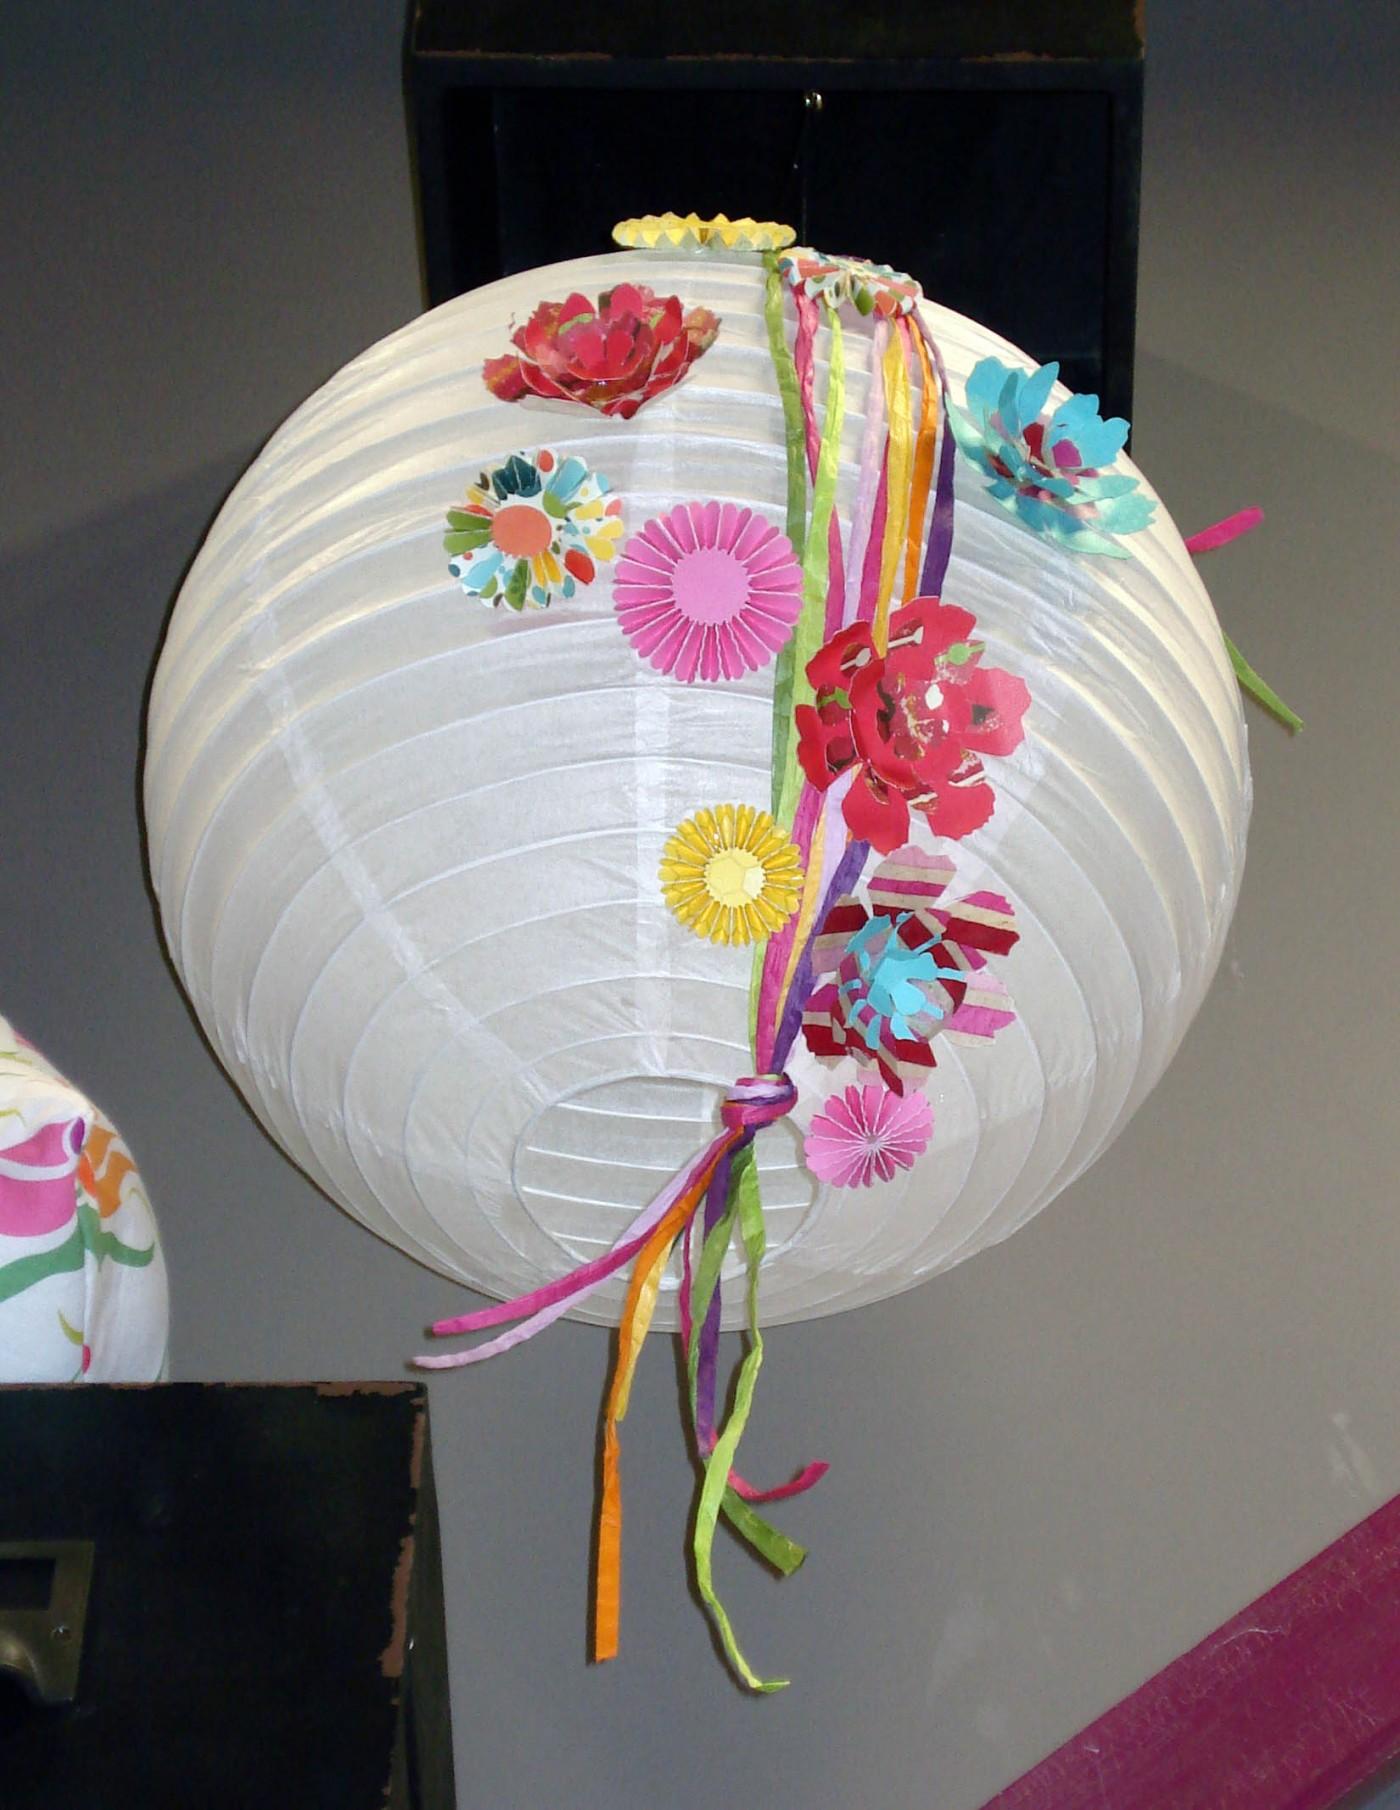 Et la lumi re fut blog z dio - Lampe boule japonaise ...